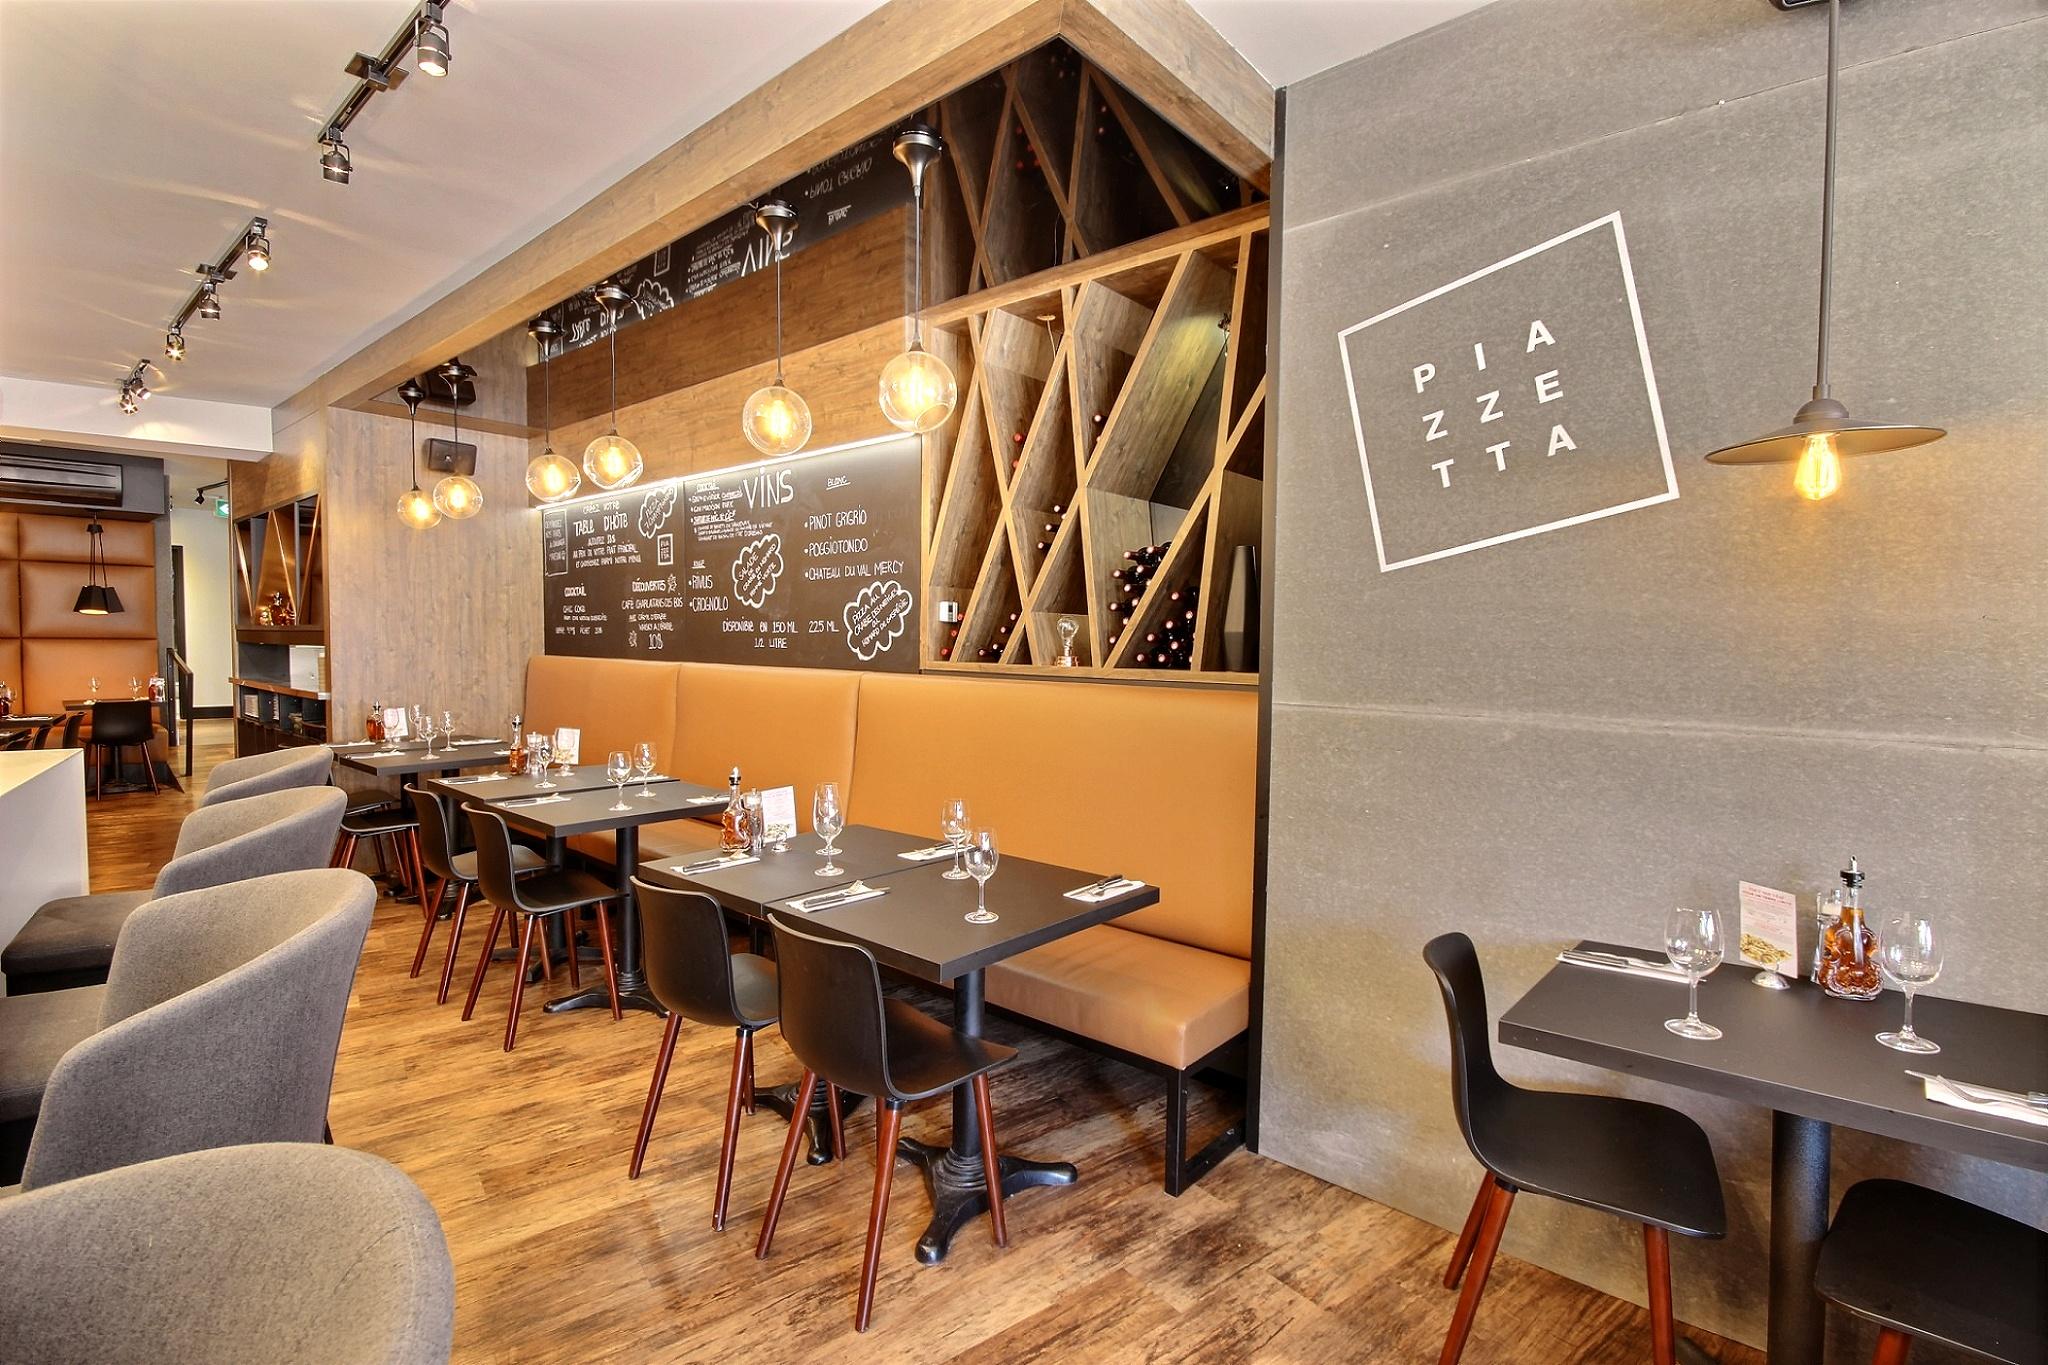 Salle de restaurant design intérieur